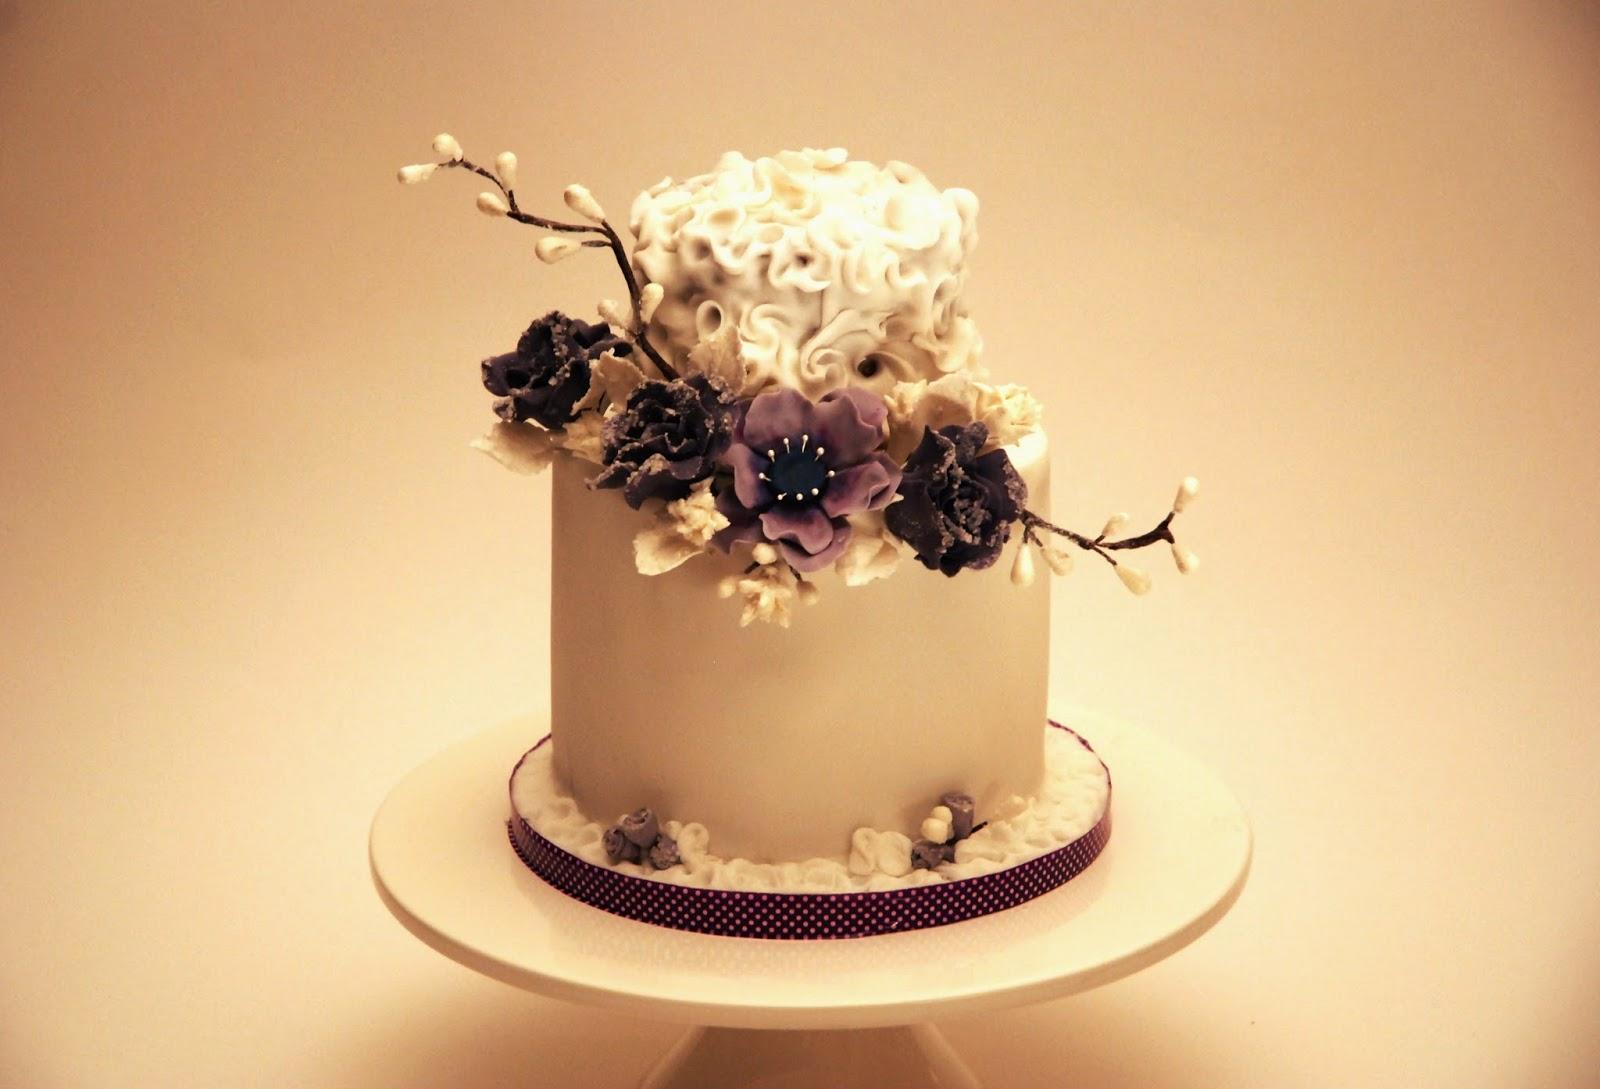 fotografie bruidstaart taart artiest Roosendaal Breda Bergen op Zoom